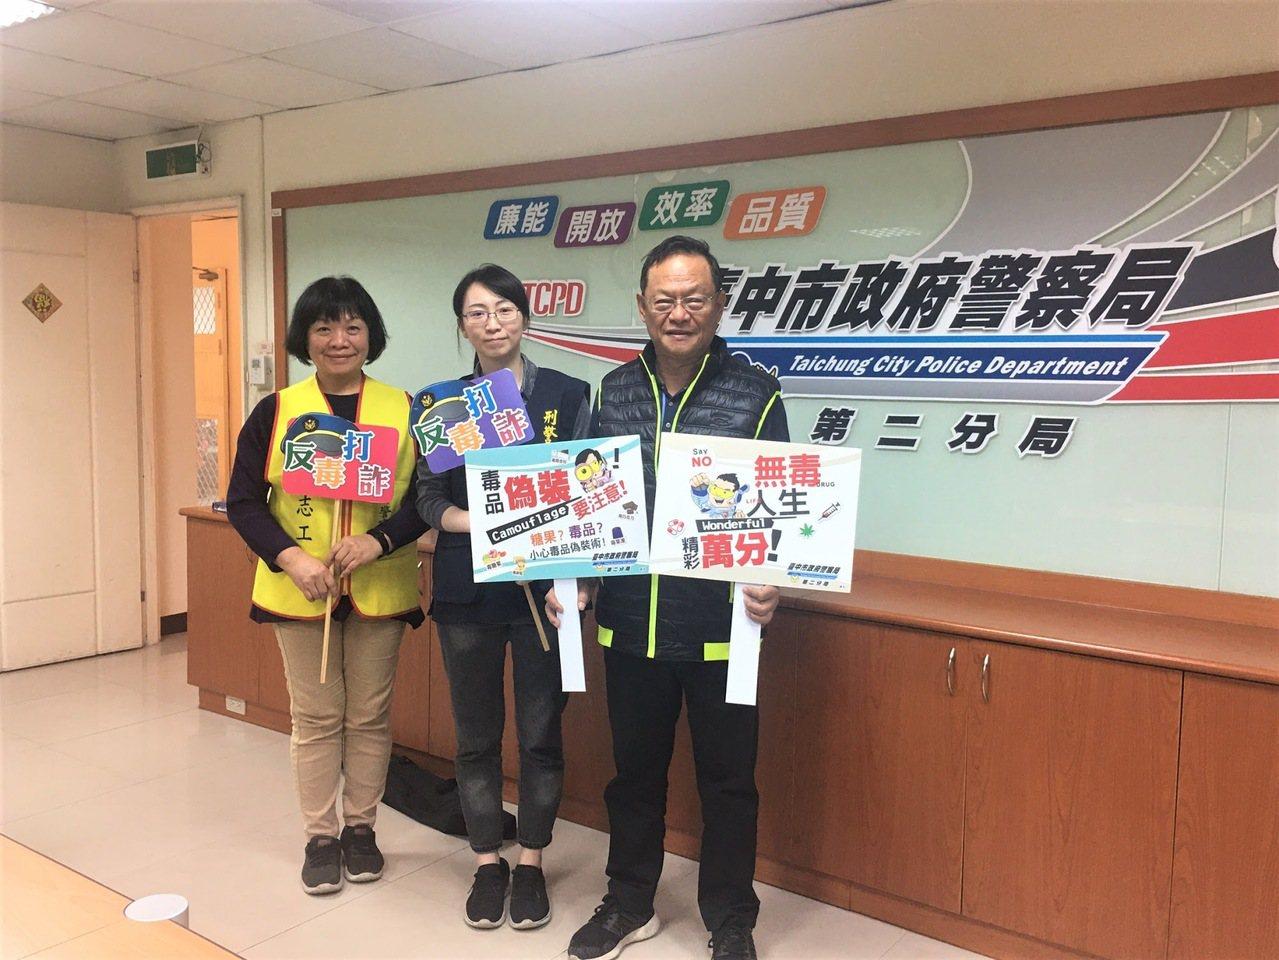 台中市第二警分局今天邀請游金隆(右)、黃淑容(左)擔任反毒大使,接受警廣訪問,宣...